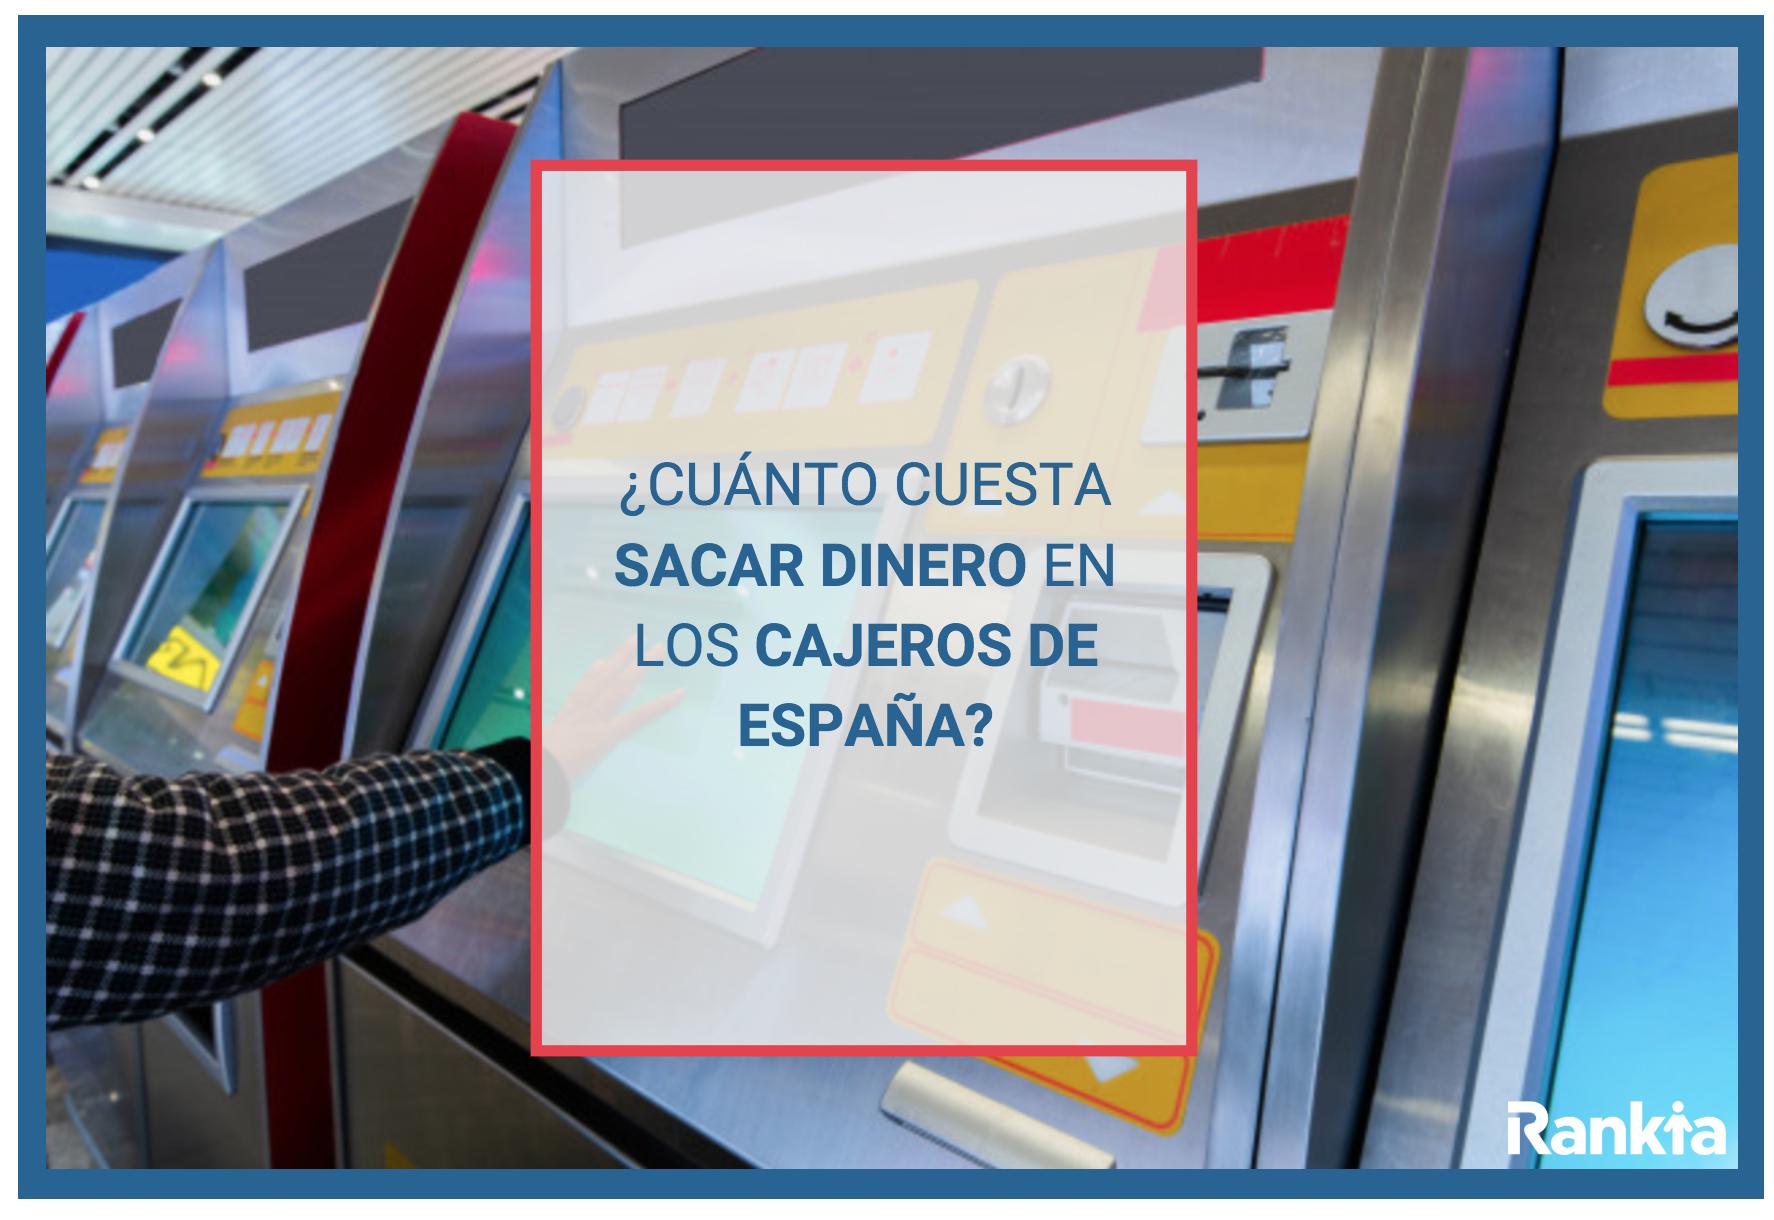 Cuanto cuesta sacar dinero en cajeros de España